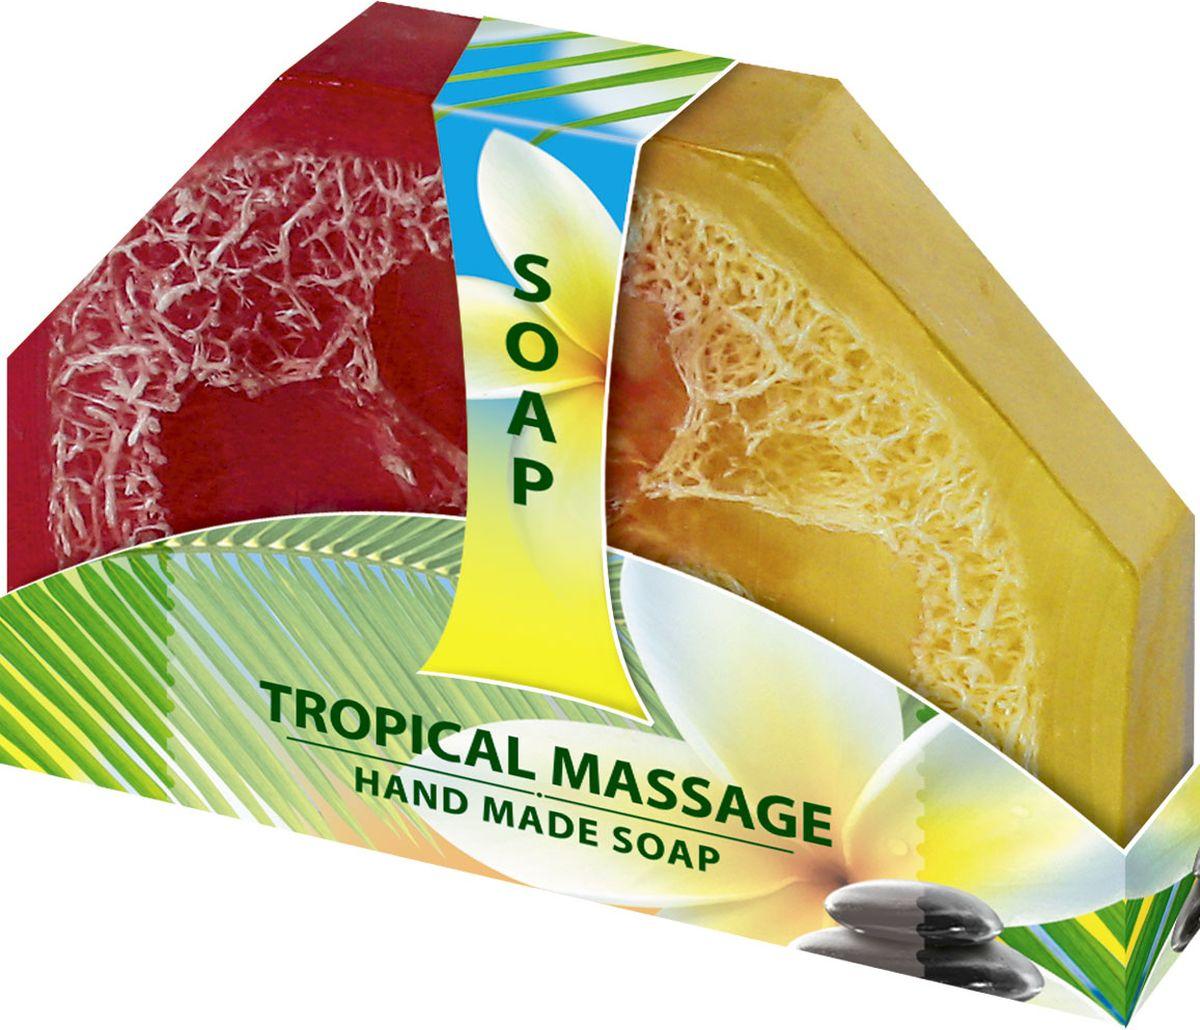 Мыло ручной работы Тропический массаж Hand made spa collection, 80 г6000742Нежное натуральное мыло с содержанием пальмового и кокосового масла с ароматами папайи и манго. Содержит натуральные экстракты ромашки и розмарина. Деликатно чистит кожу и поддерживает ее в тонусе.